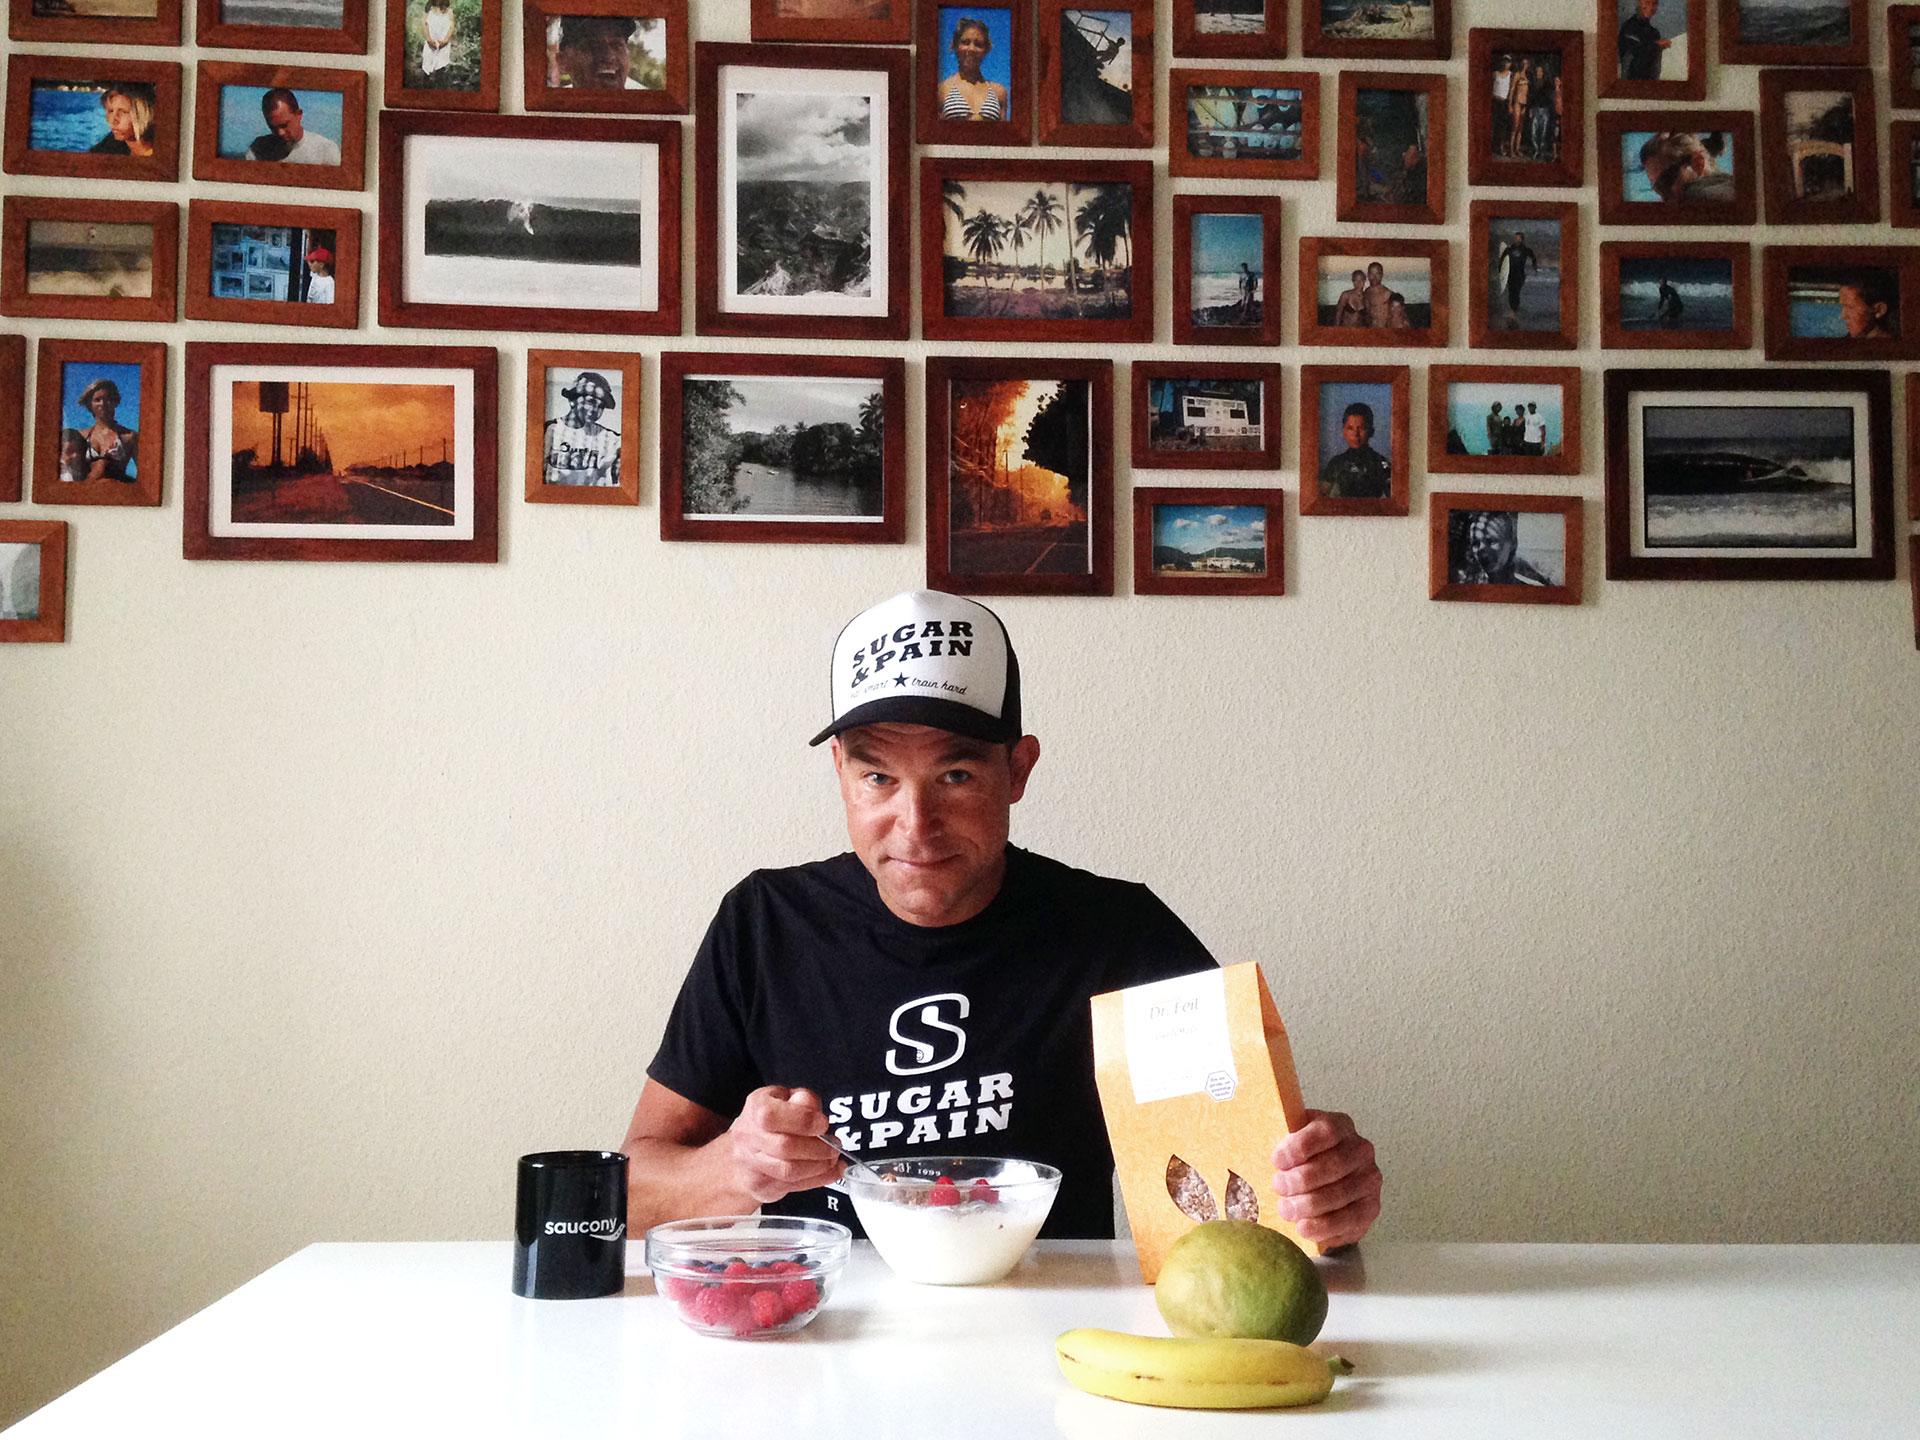 IRONMAN VICHY 2017 The Making of an Ironman Triathlete / Mit einem professionellen Triathlon Coach, der richtigen Trainingsplanung und Ernährung wird der Erfolg eines Ironmans kein Zufall © Stefan Drexl